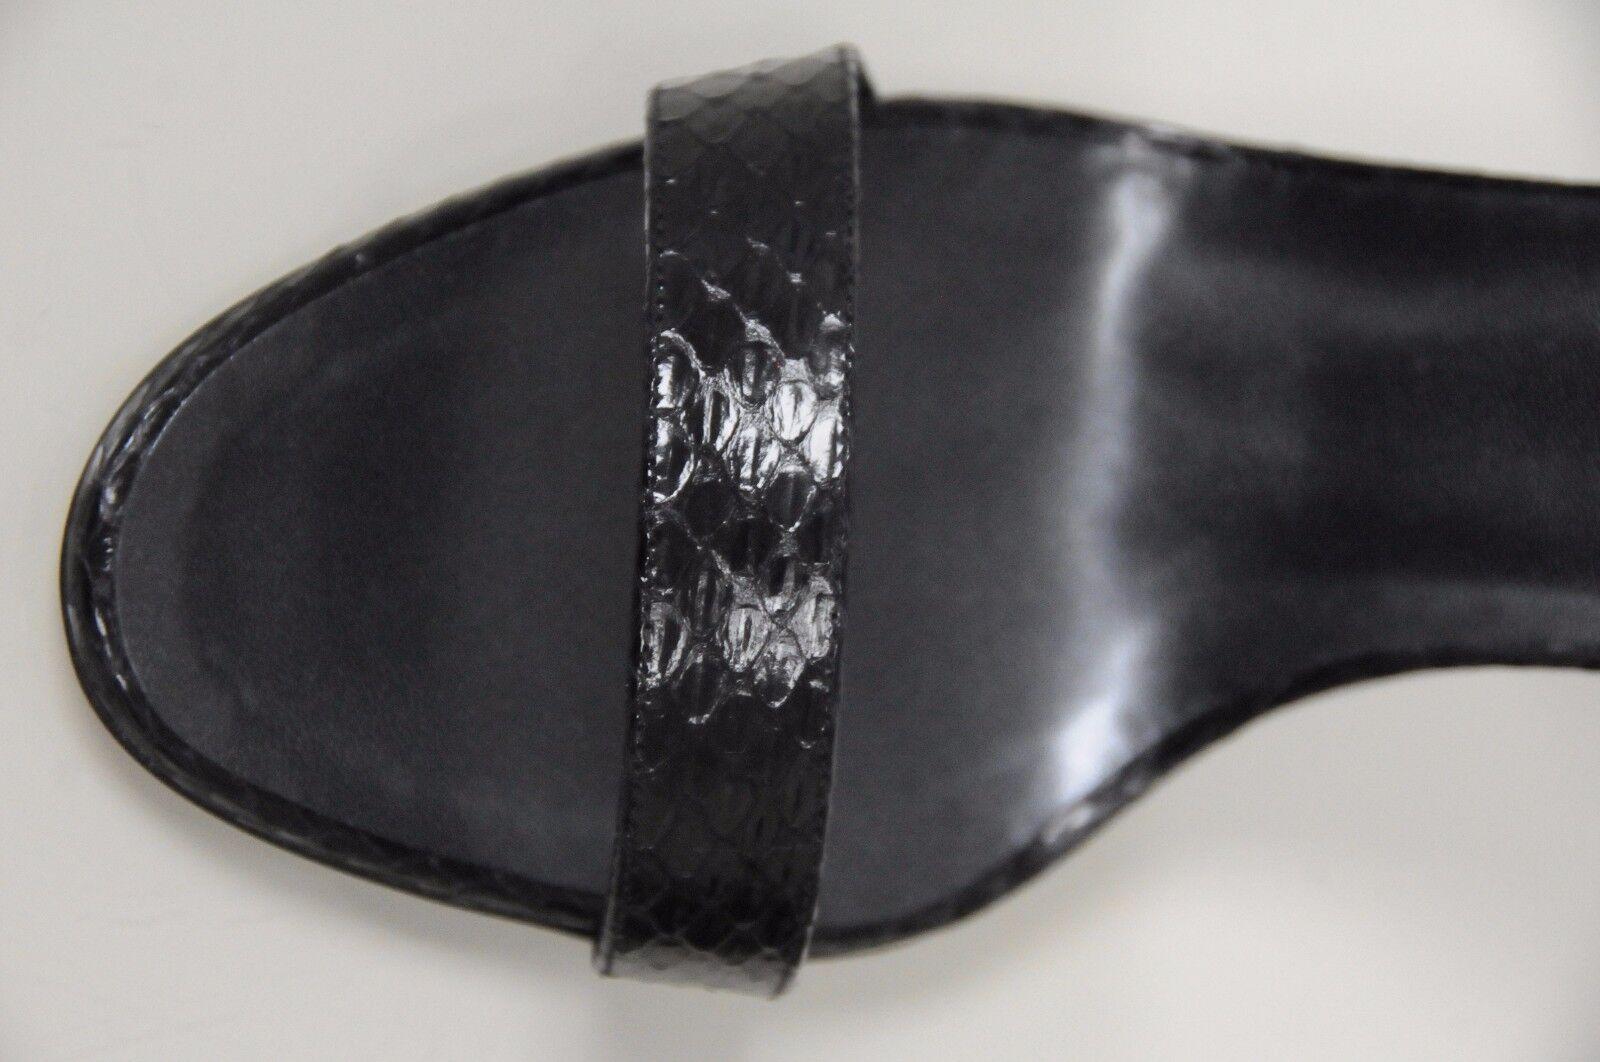 Neu Manolo Blahnik Blahnik Blahnik Lontana Exotischer Schlange Schwarze Sandalen Bb Schuhe 36.5 fd8998